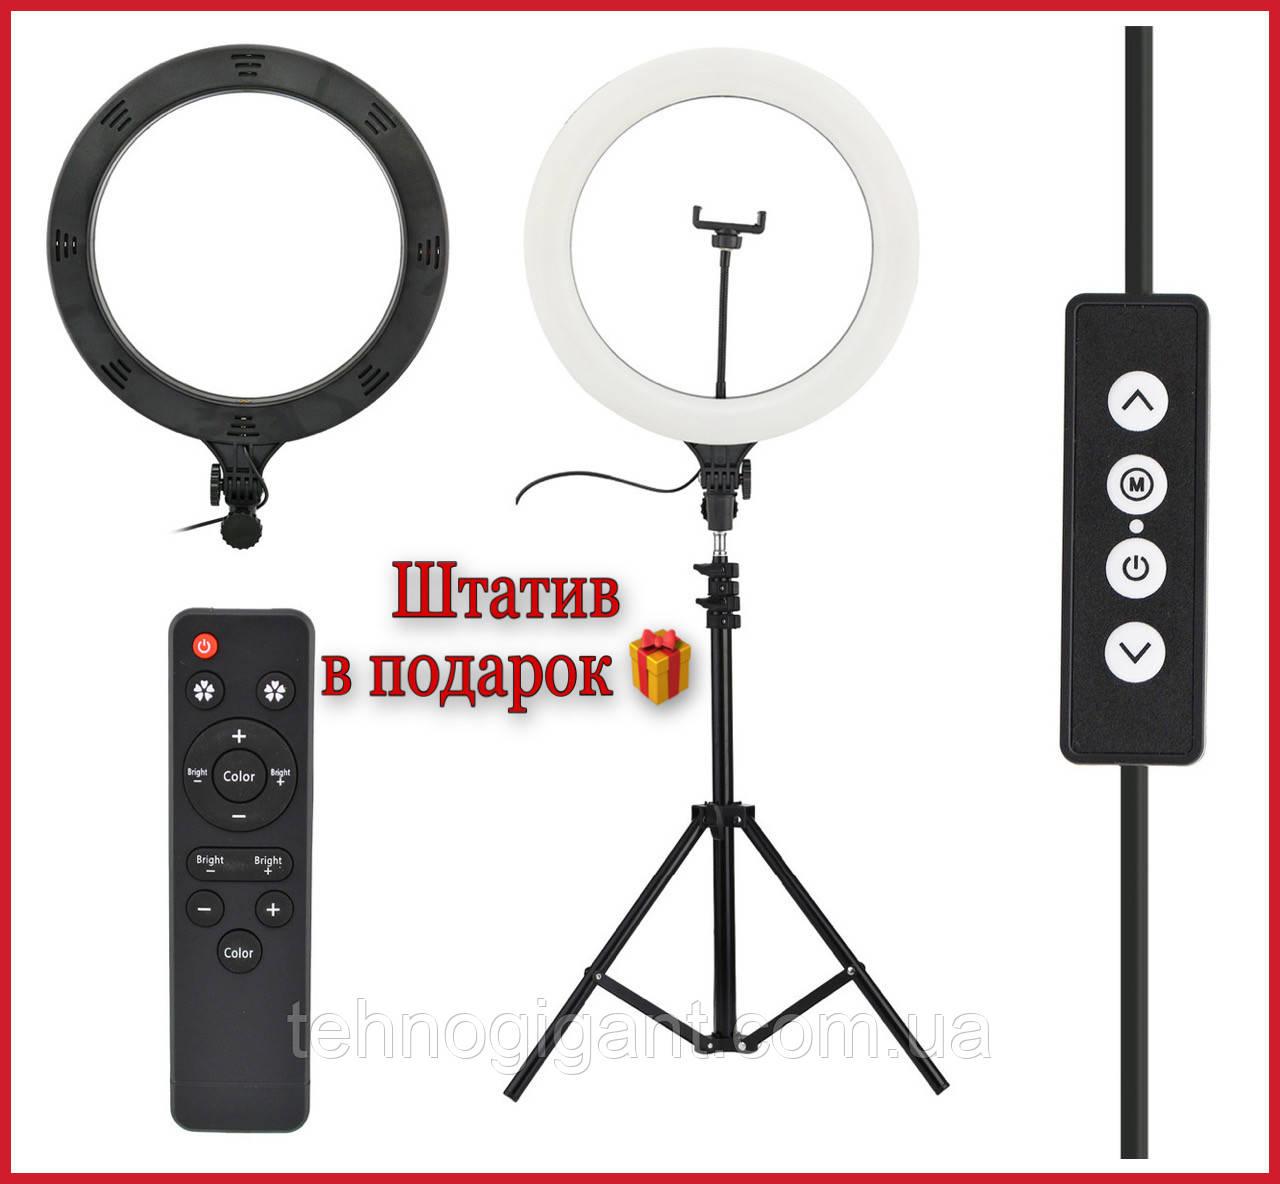 Кольцевая LED лампа UKC А390 39см с пультом штатив 2м в подарок Селфи кольцо 39 см 40 Вт набор блогера